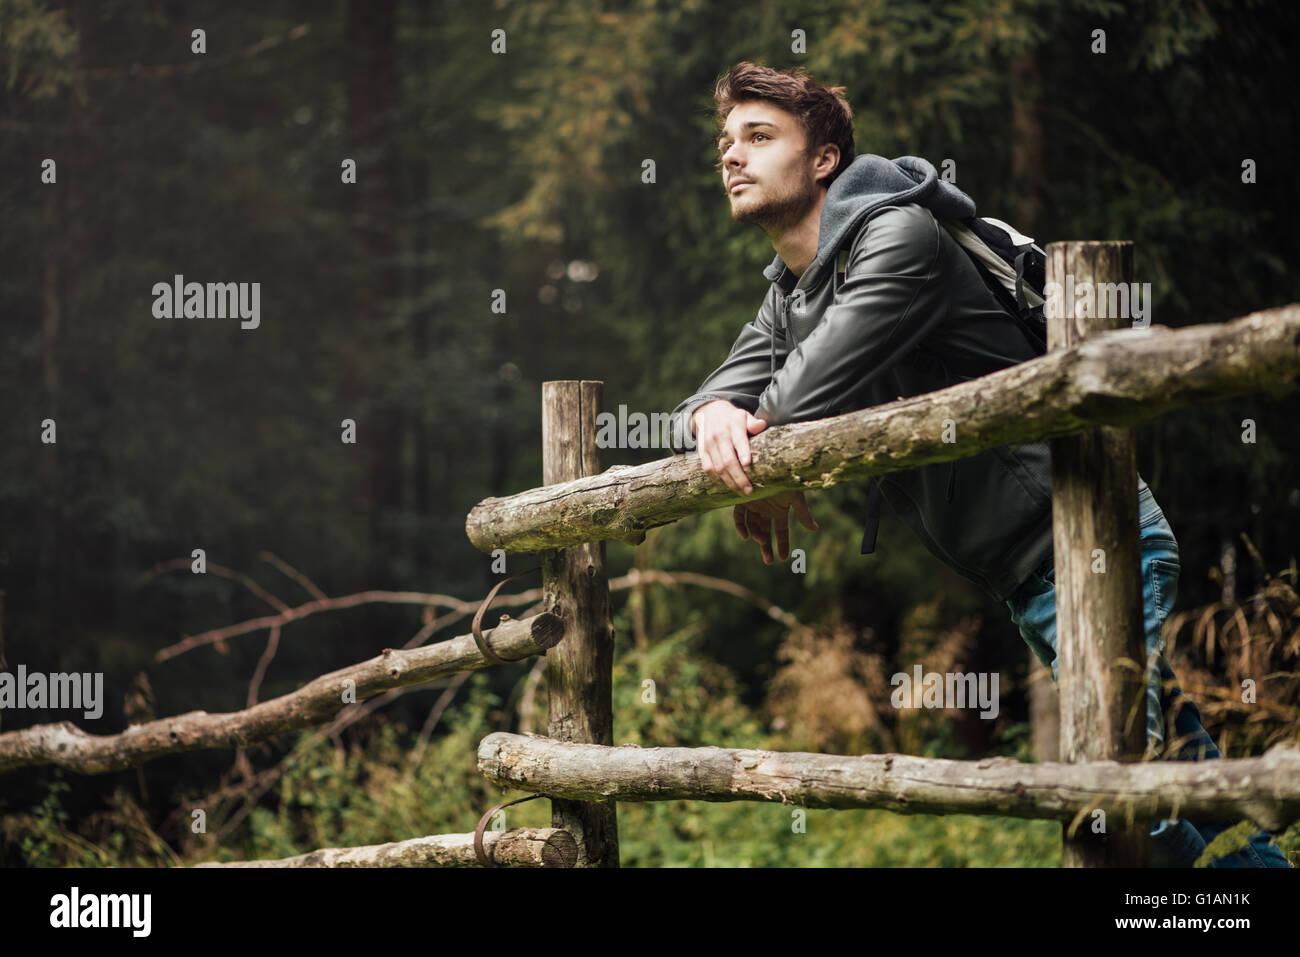 Giovane uomo con zaino trekking nella foresta e appoggiate su di una recinzione di legno, natura e esercizio fisico Immagini Stock